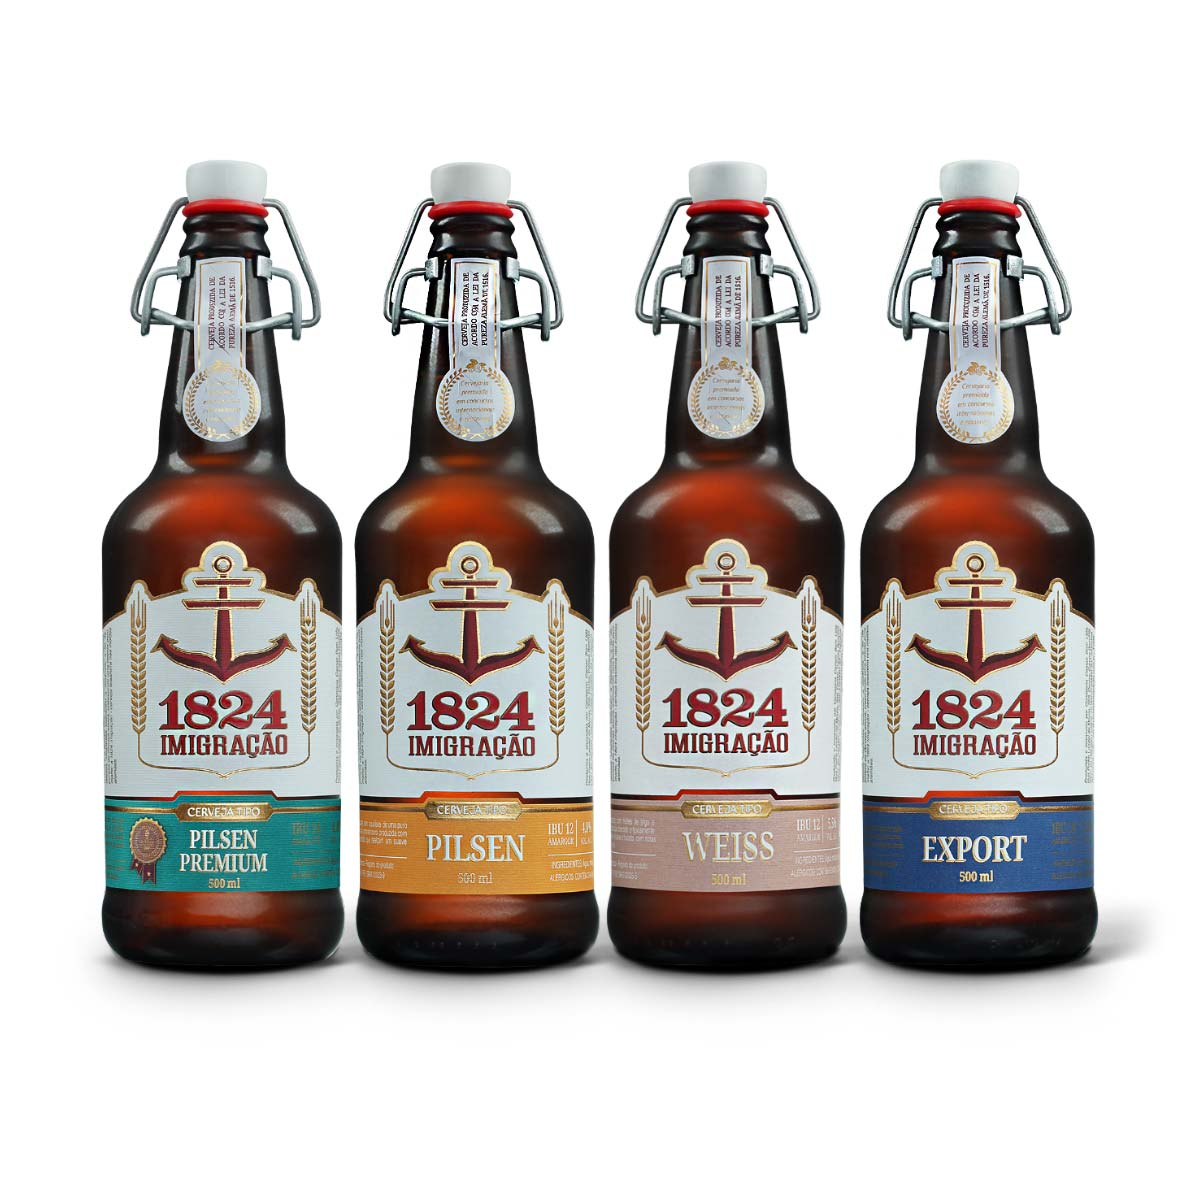 Kit degustação Imigração 4 cervejas